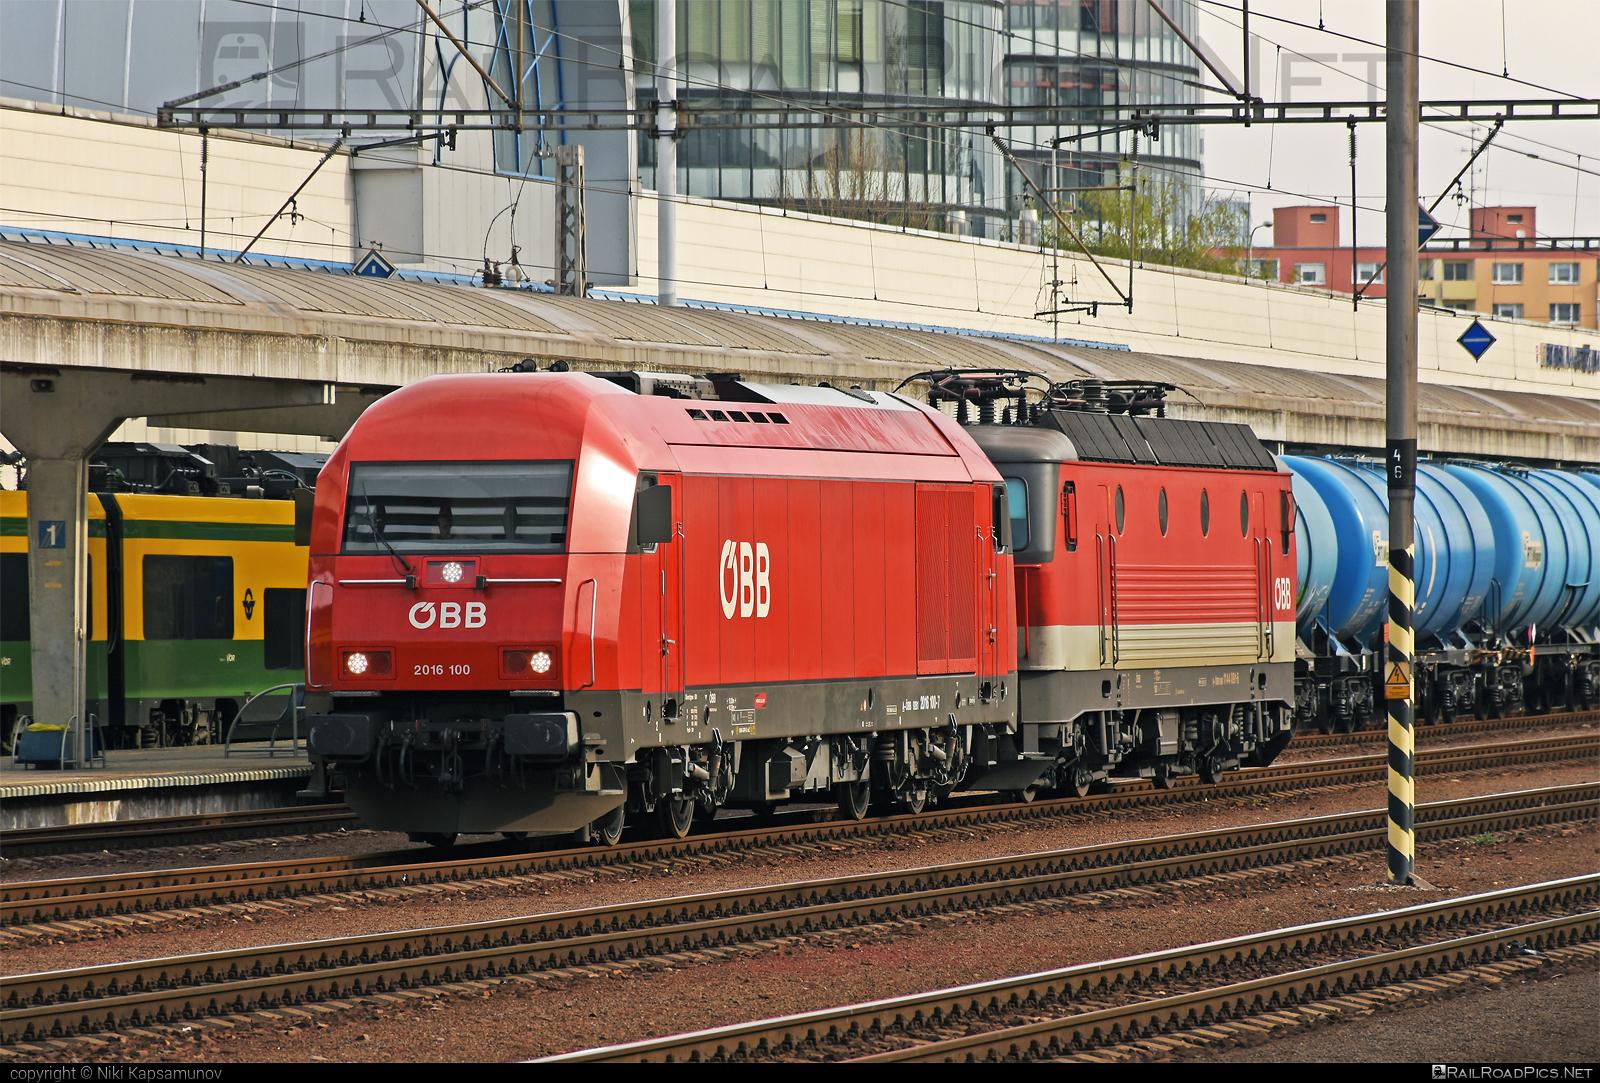 Siemens ER20 - 2016 100 operated by Rail Cargo Carrier – Slovakia s.r.o. #1144 #er20 #er20hercules #eurorunner #hercules #obb #osterreichischebundesbahnen #rccsk #sgp1144 #siemens #siemenser20 #siemenser20hercules #siemenseurorunner #siemenshercules #wssk